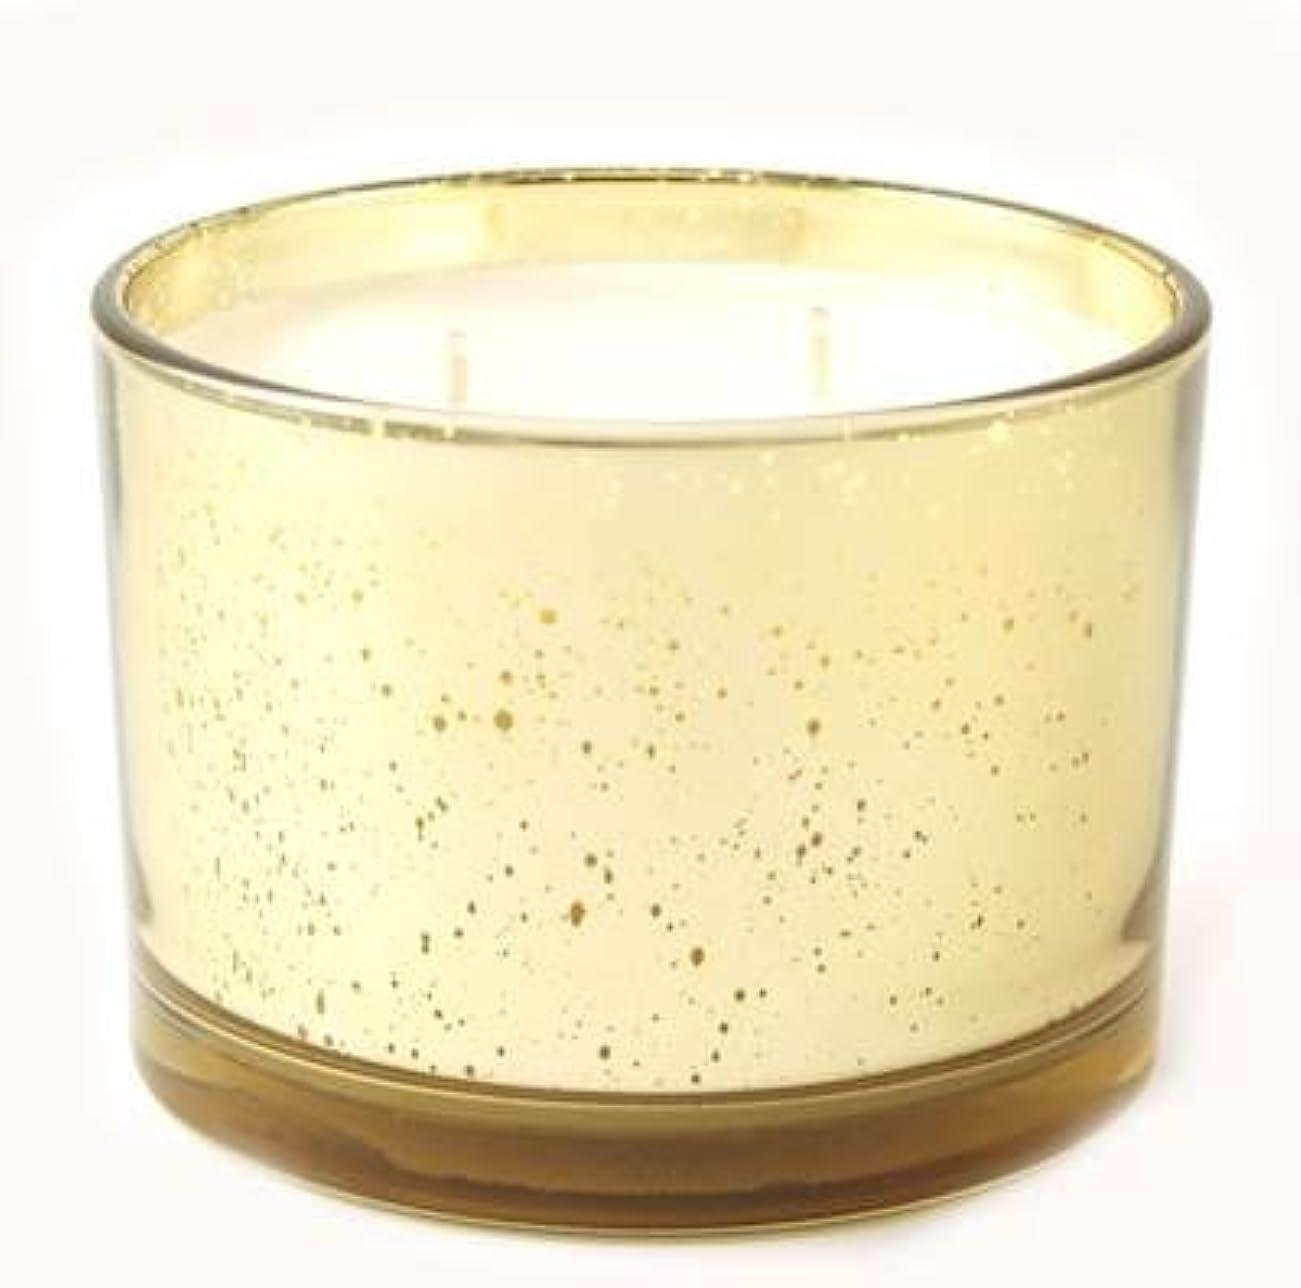 花瓶ニュージーランドメダリストアップルサイダーTyler Statureゴールドonゴールド16oz香りつきJar Candle